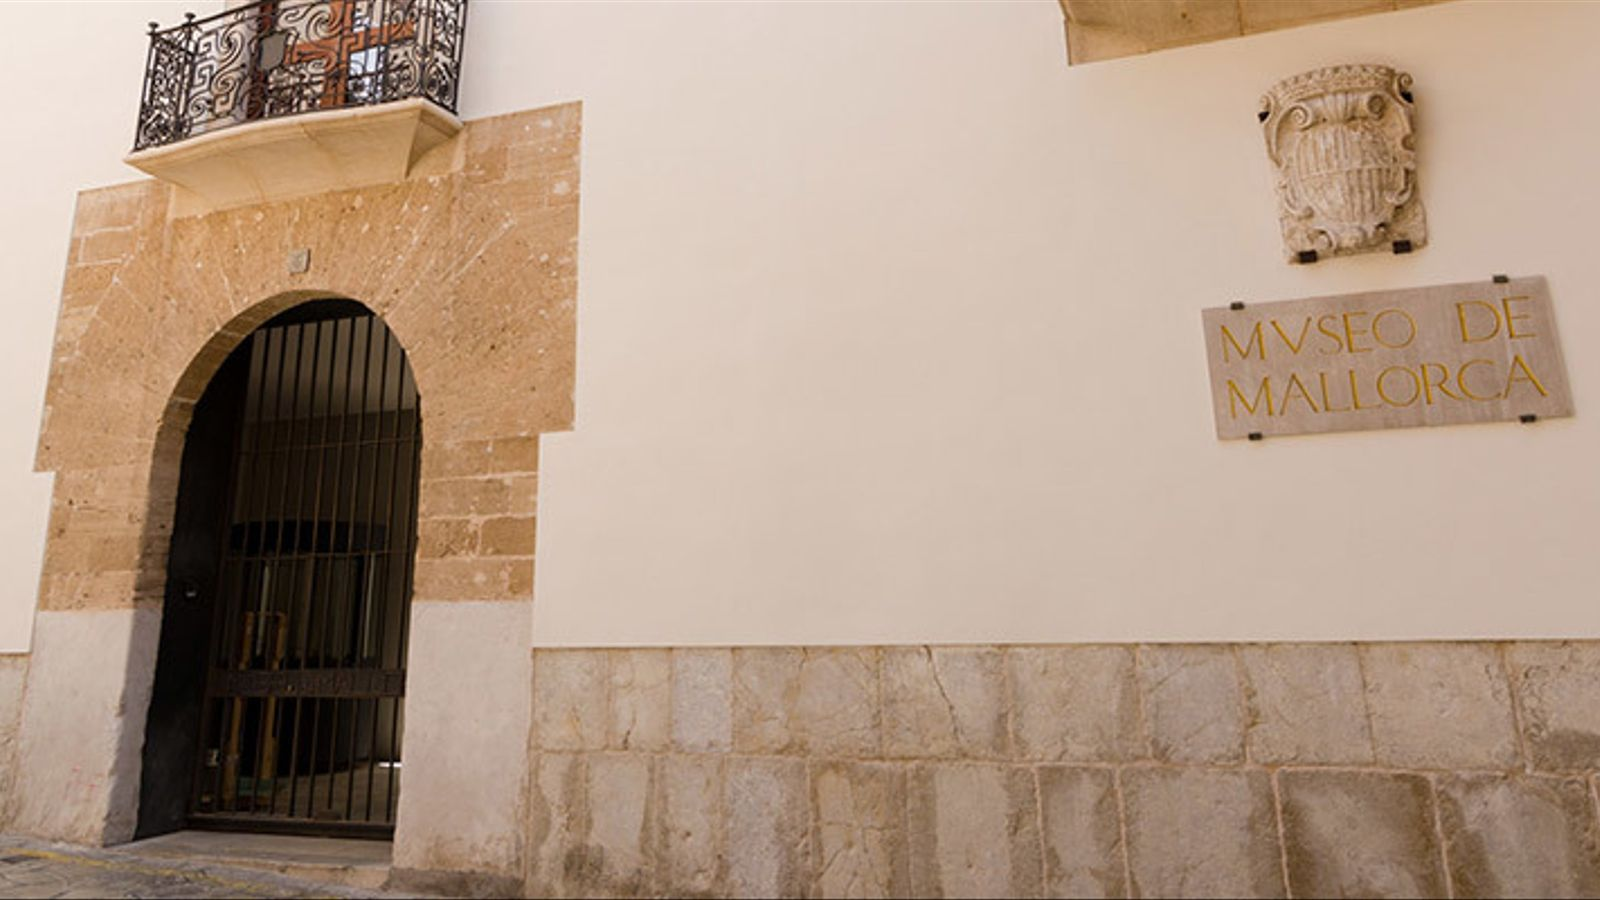 El Museu de Mallorca.